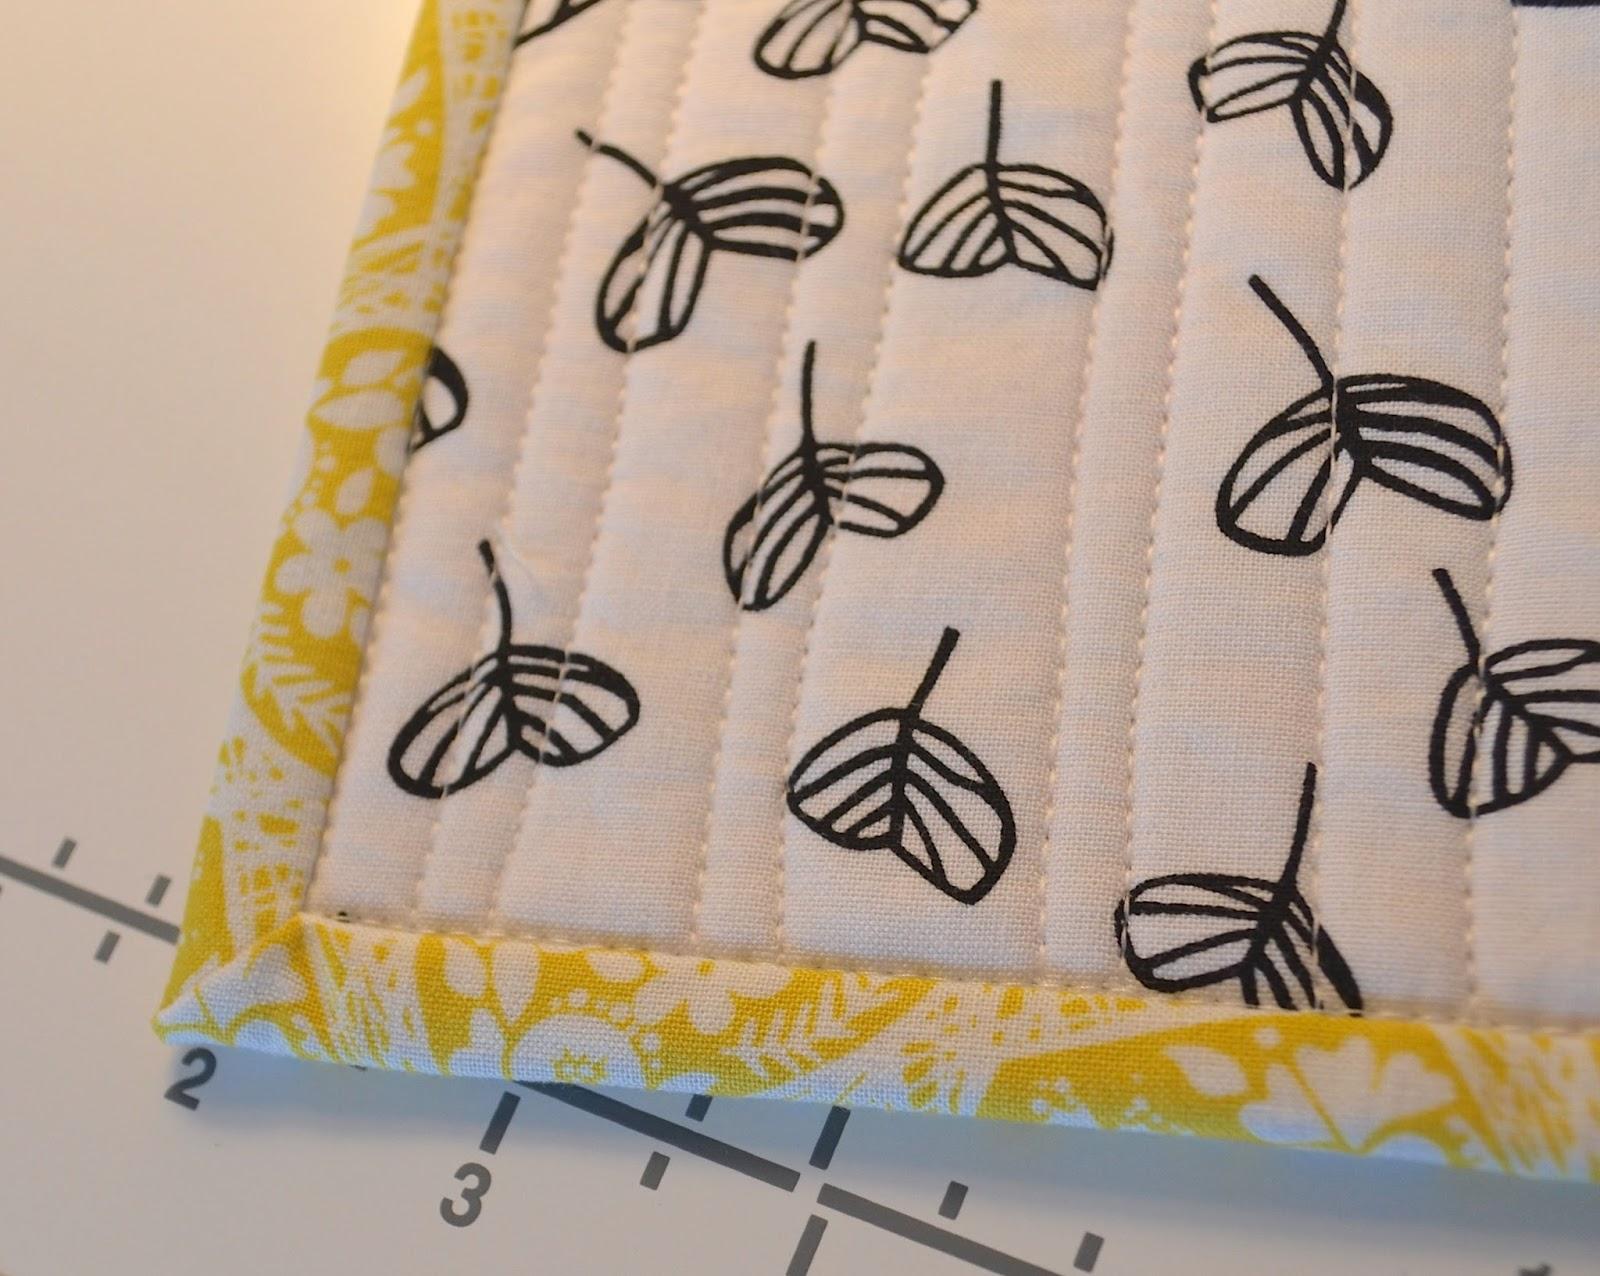 hand stitching binding tutorial